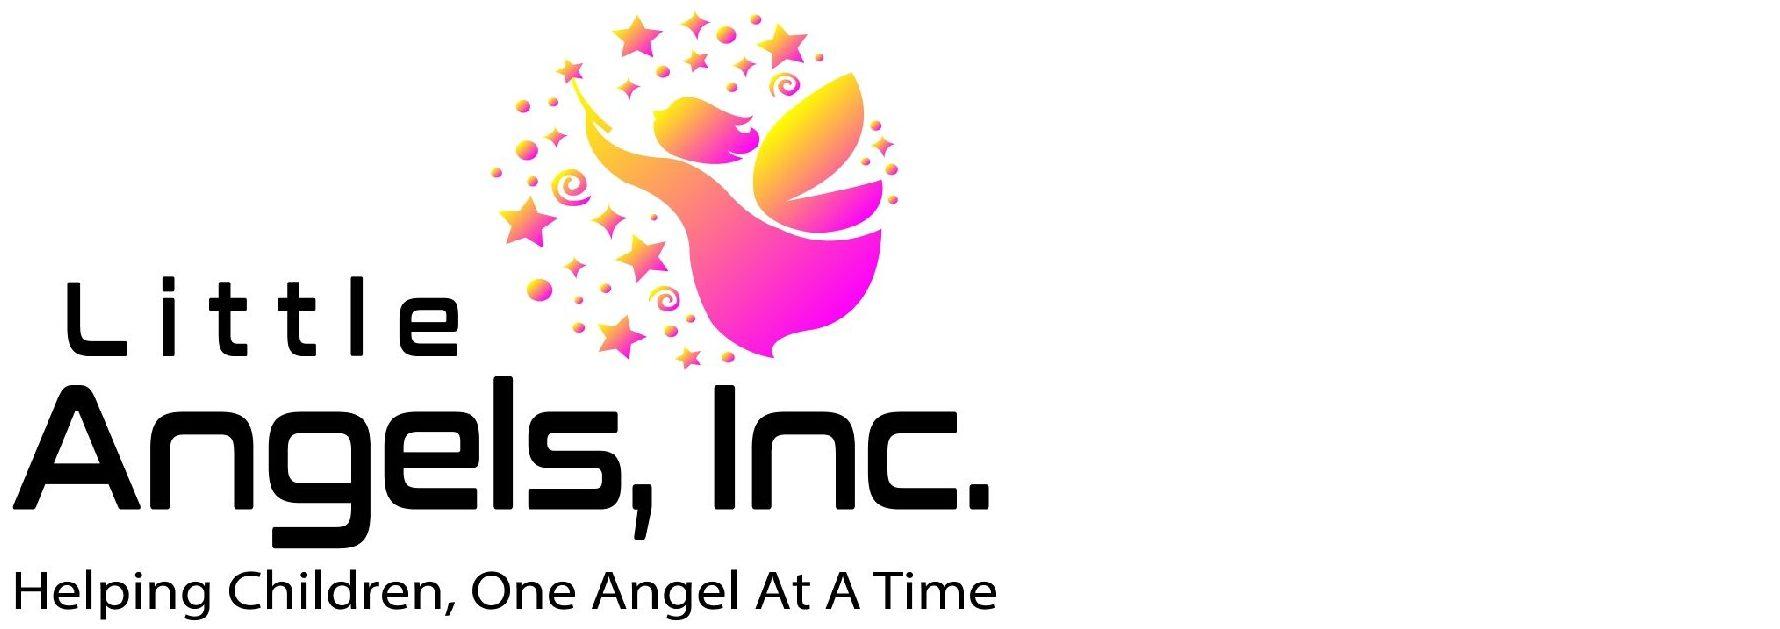 Little Angels, Inc.